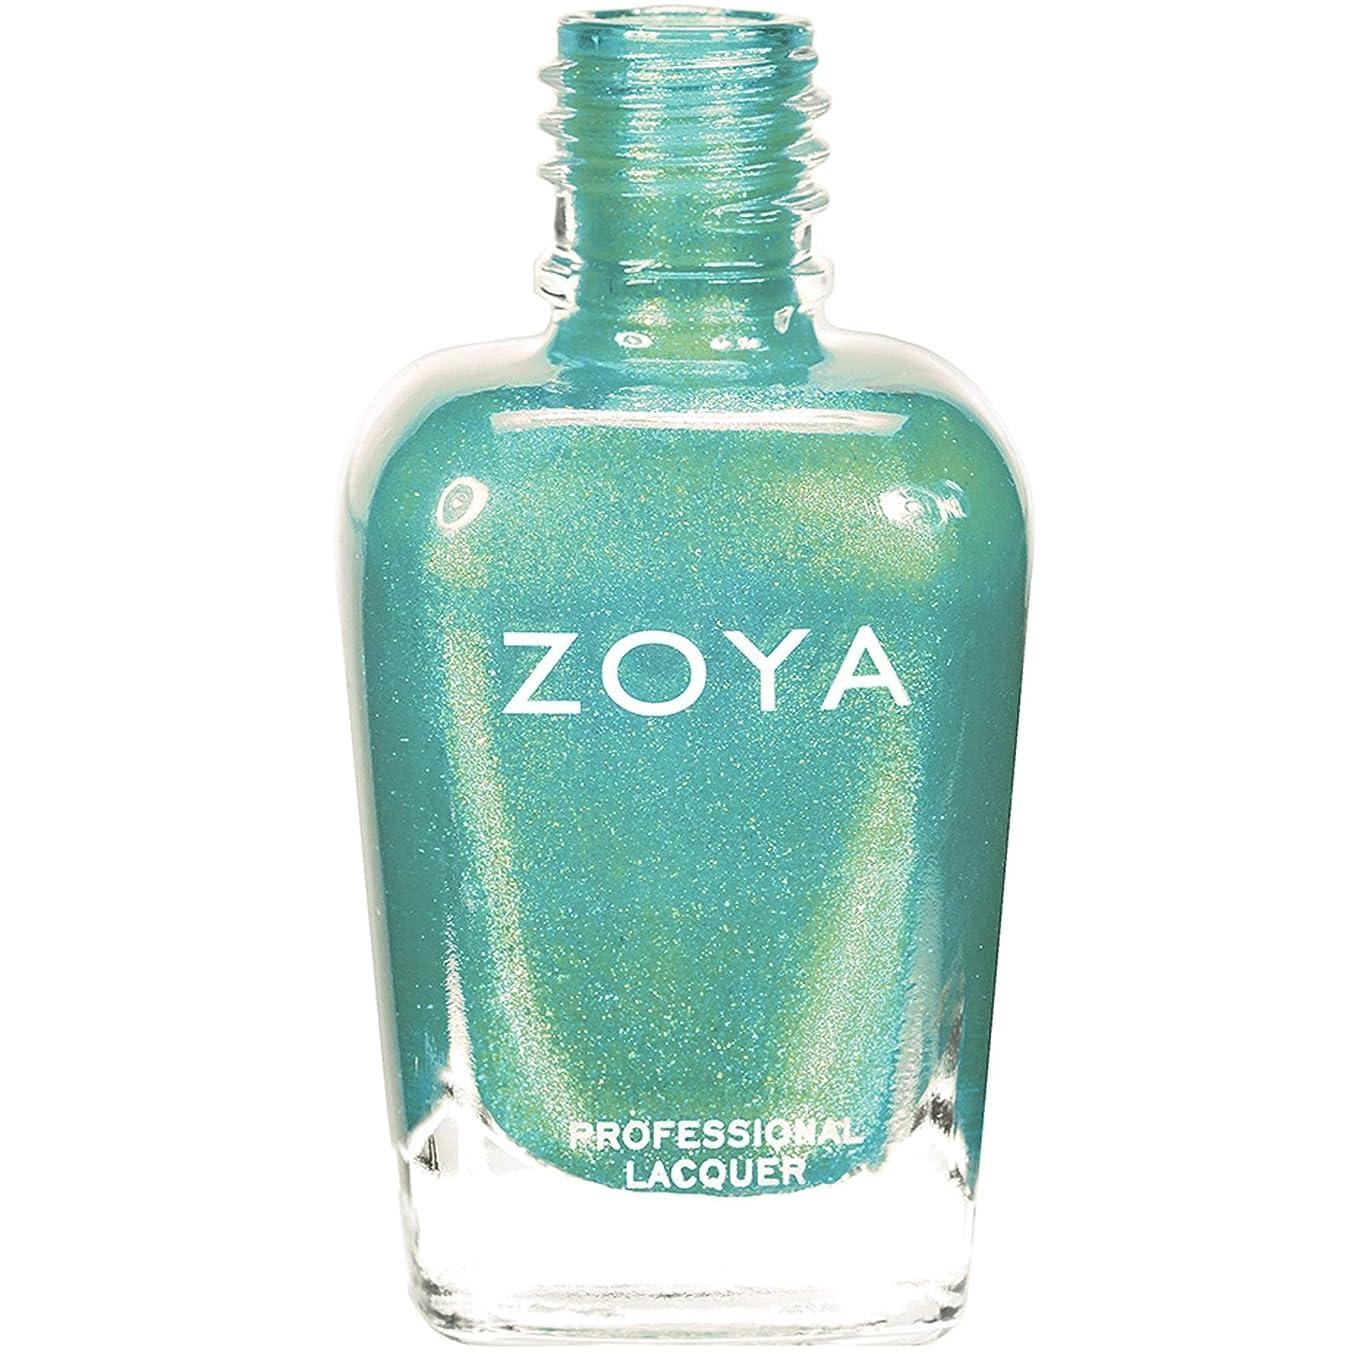 贅沢な芝生赤外線ZOYA (ゾーヤ) ネイルカラー 15mL [ZP625] ズザ